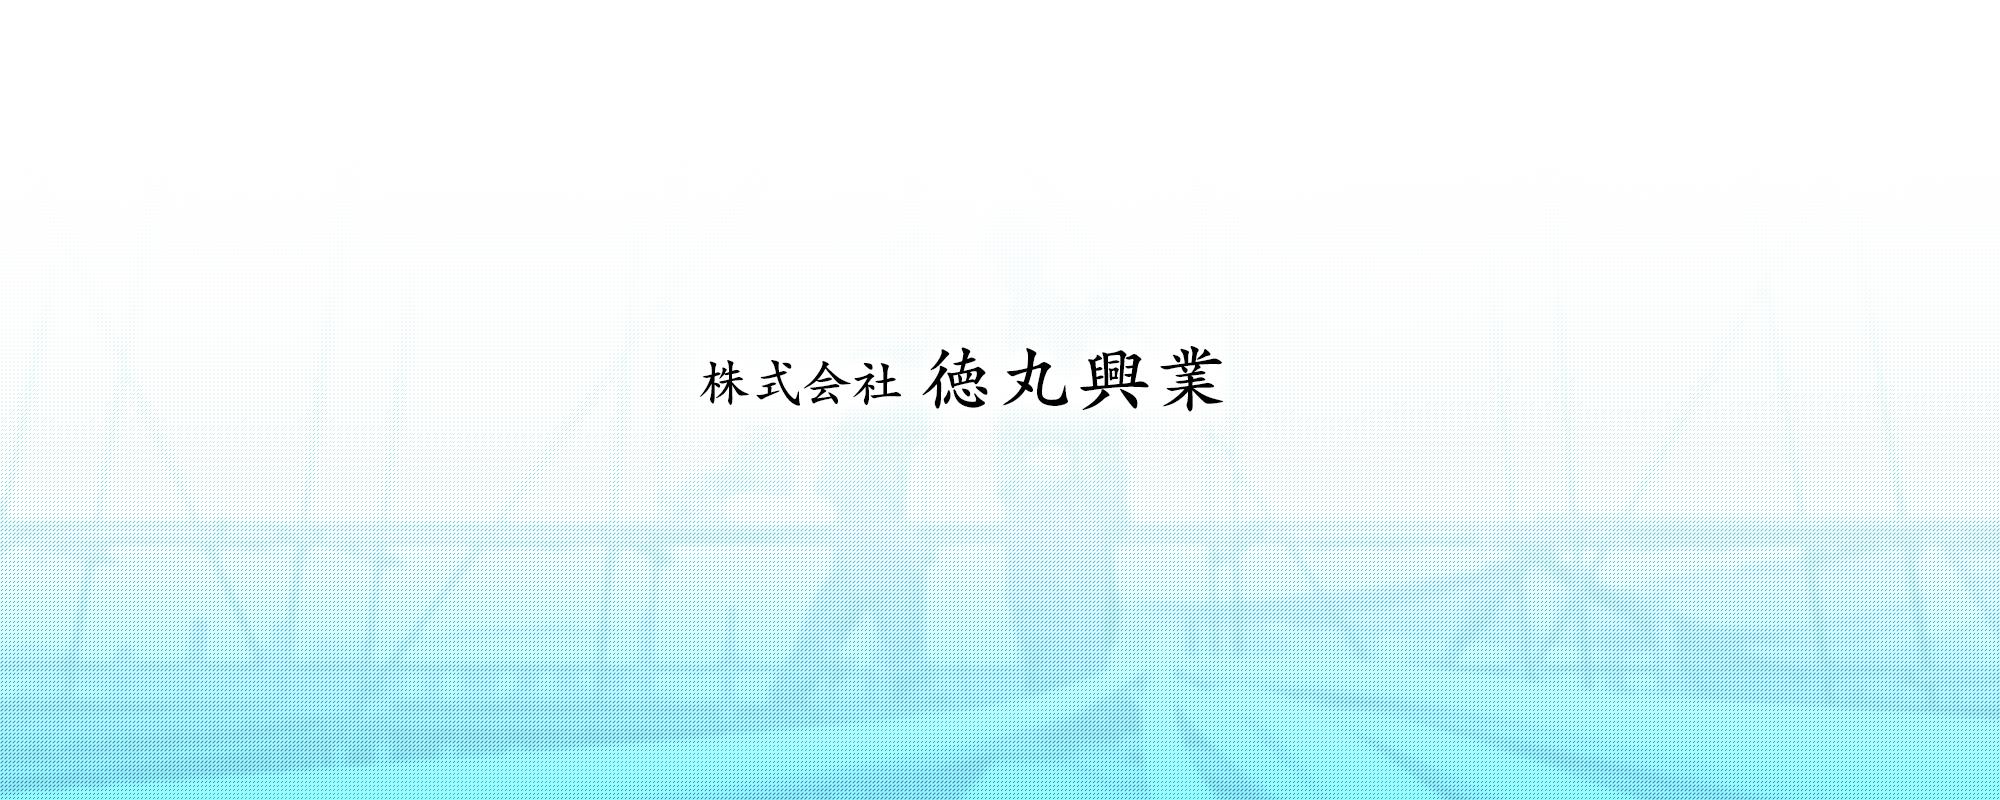 株式会社徳丸興業